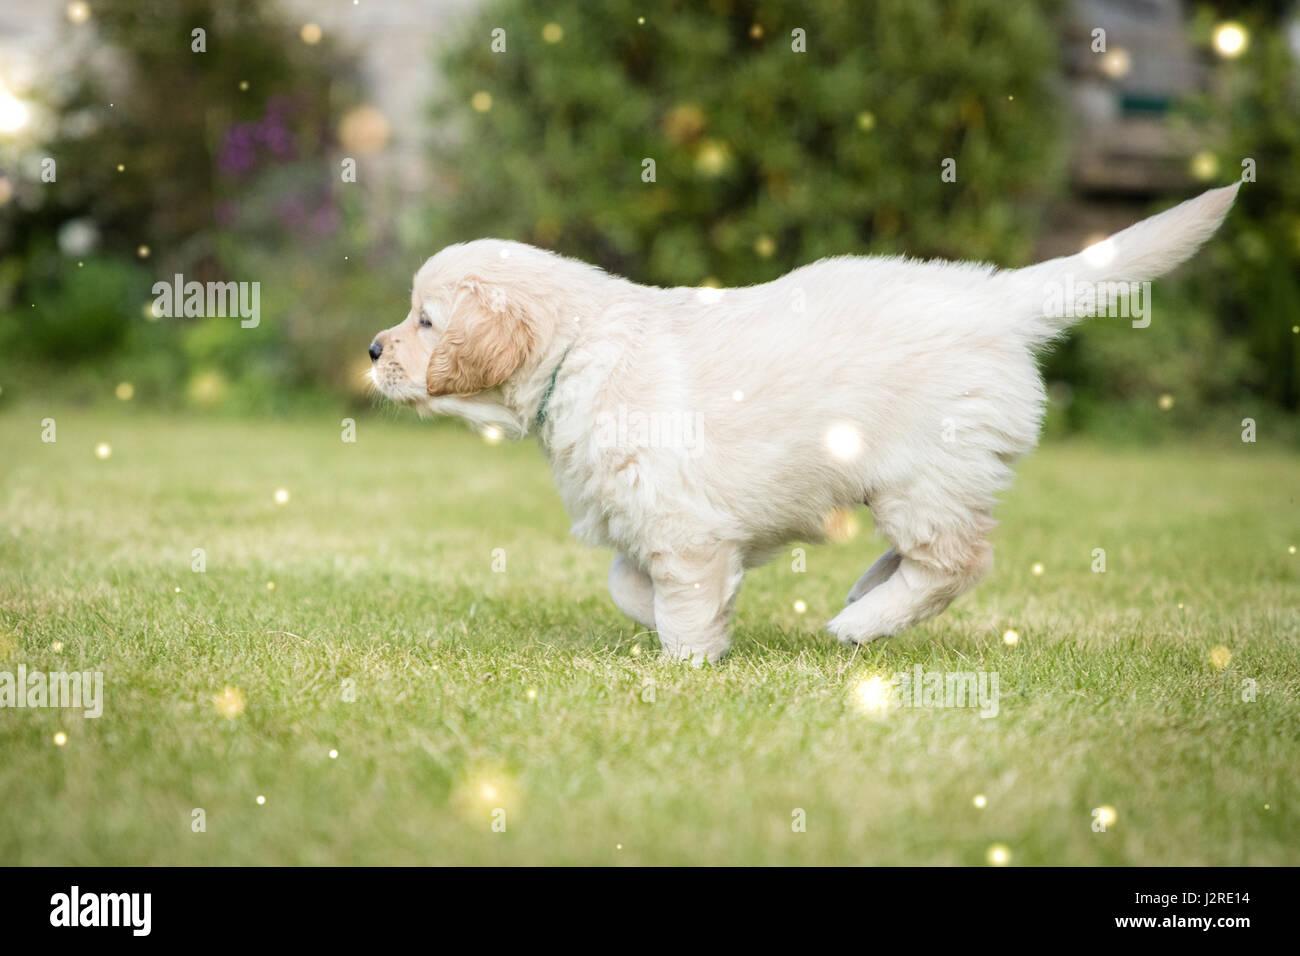 Golden Retriever Puppy Running In Garden Chasing Fairies Stock Photo